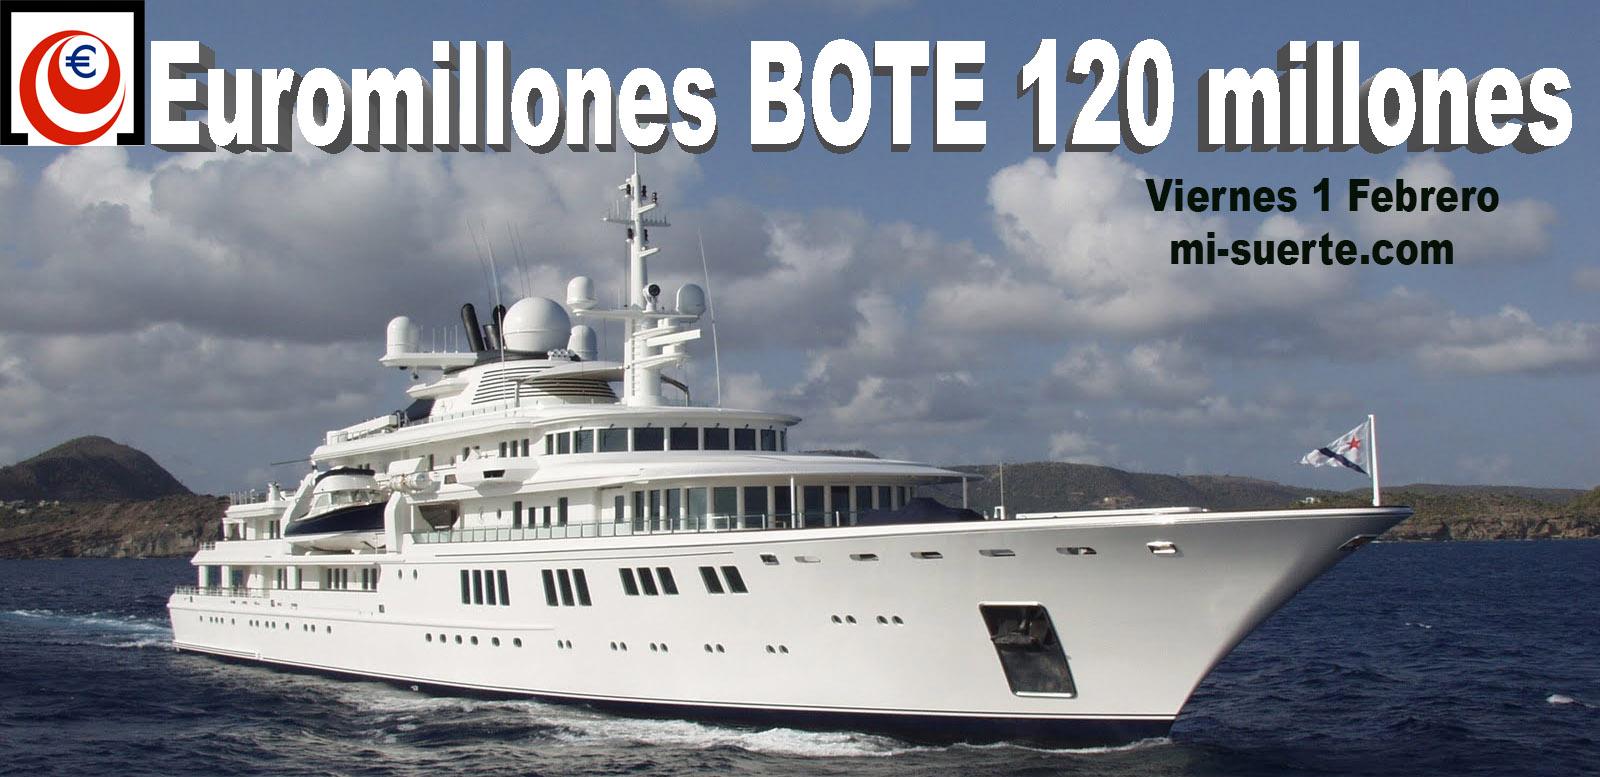 Bote de Euromillones 120 millones